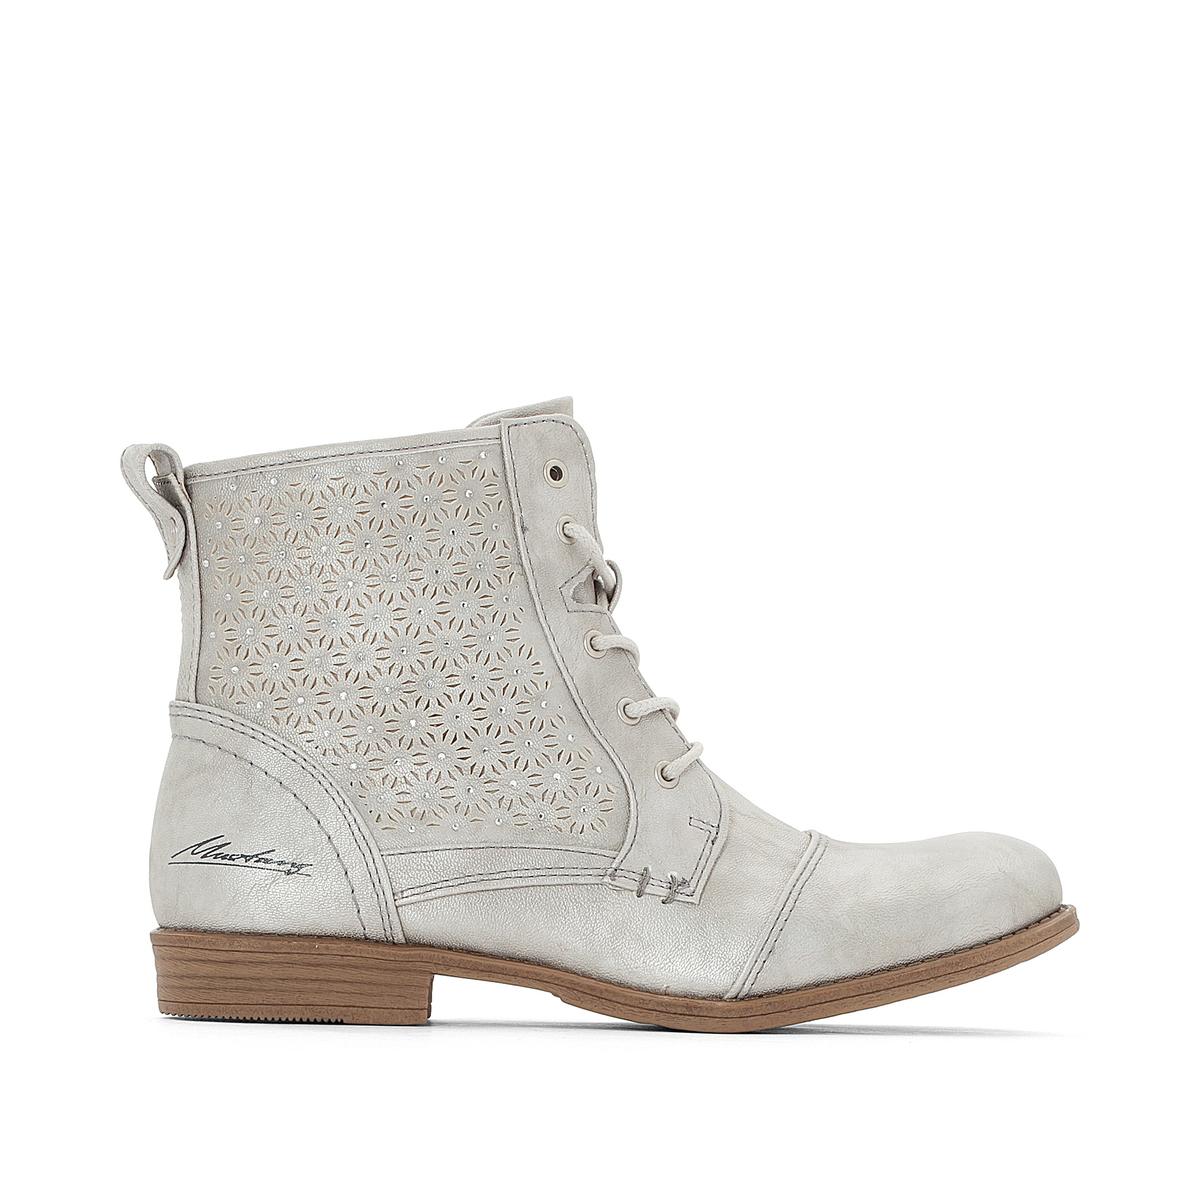 Ботинки на шнуровке 115743 ботинки женские зимние на шнуровке без каблука купить